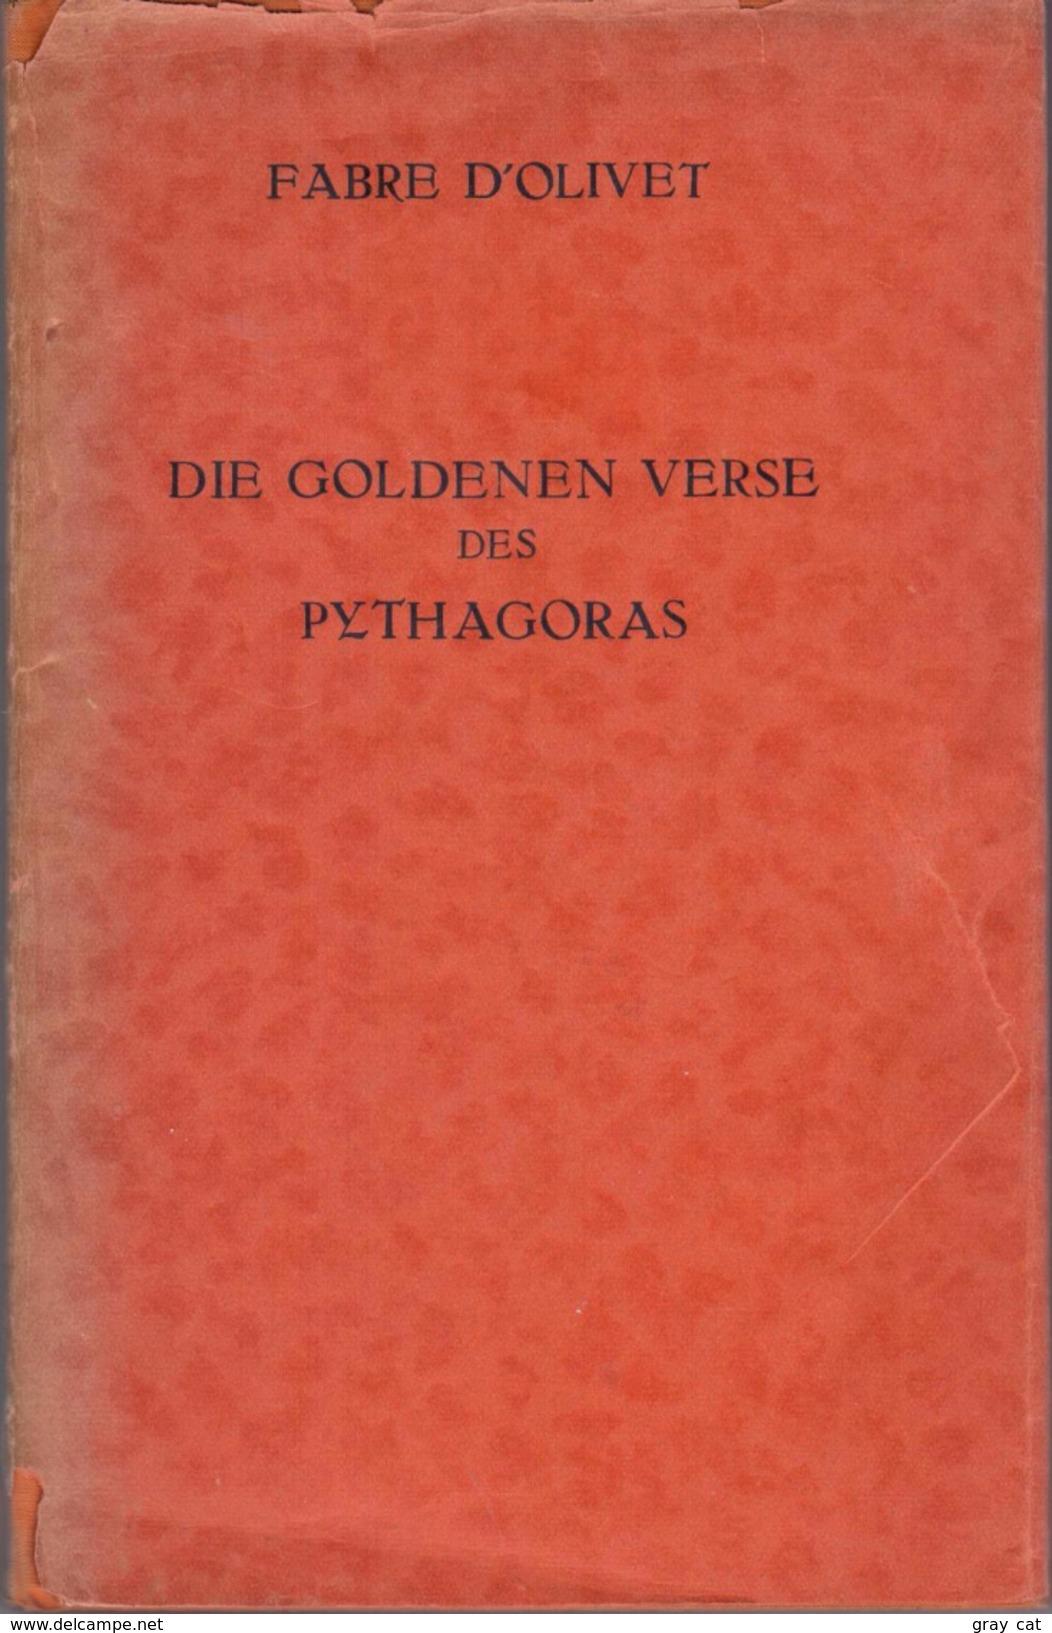 DIE GOLDENEN VERSE DES PYTHAGORAS By Fabre D'Olivet , Antoine - Books, Magazines, Comics